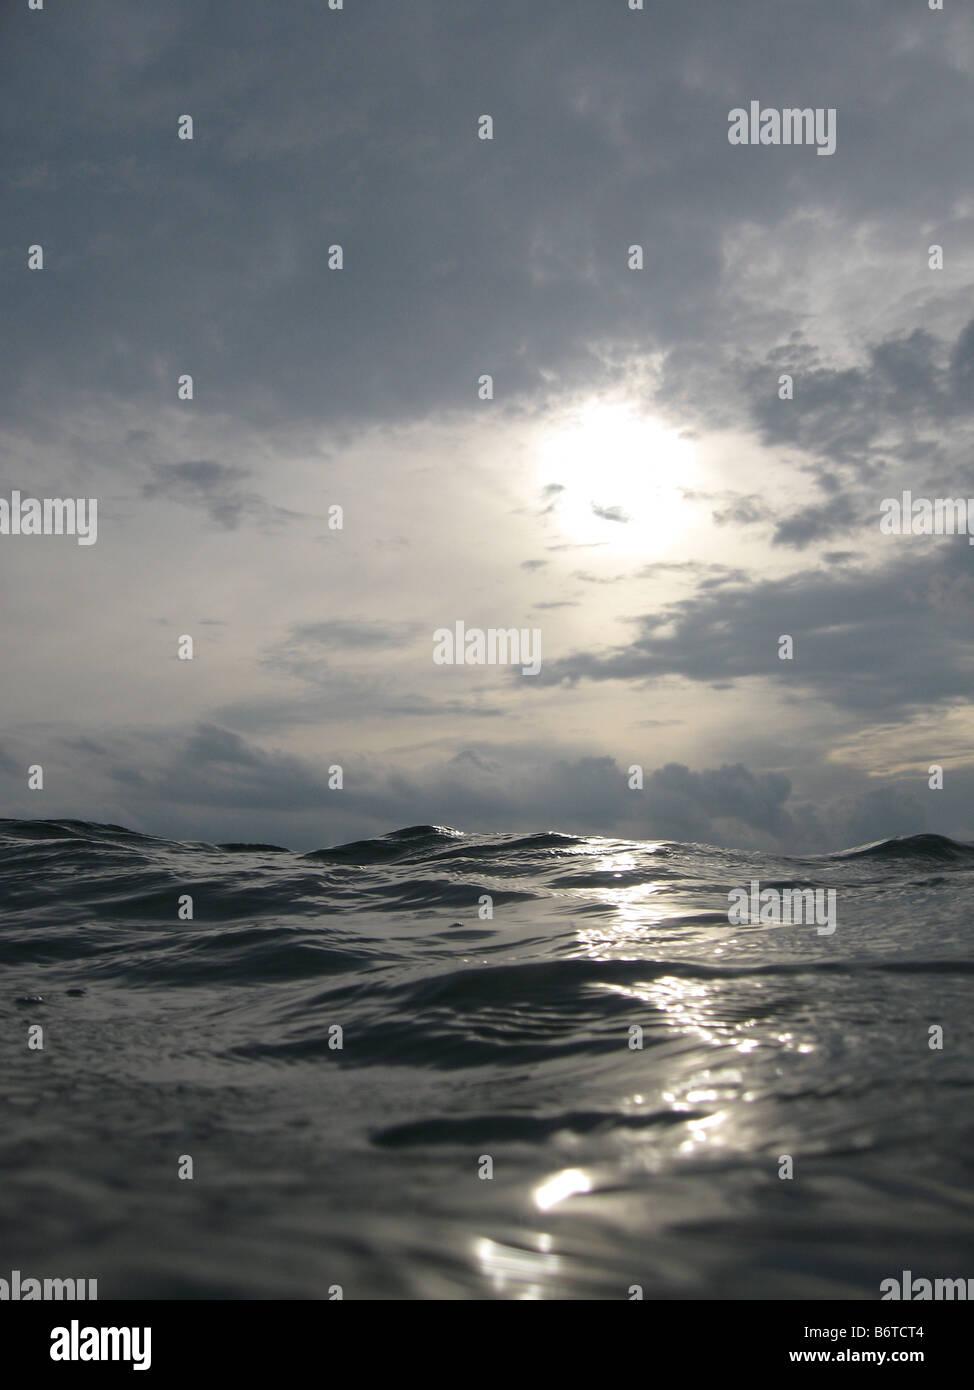 Vista di acqua e cielo guardando dalla superficie Immagini Stock